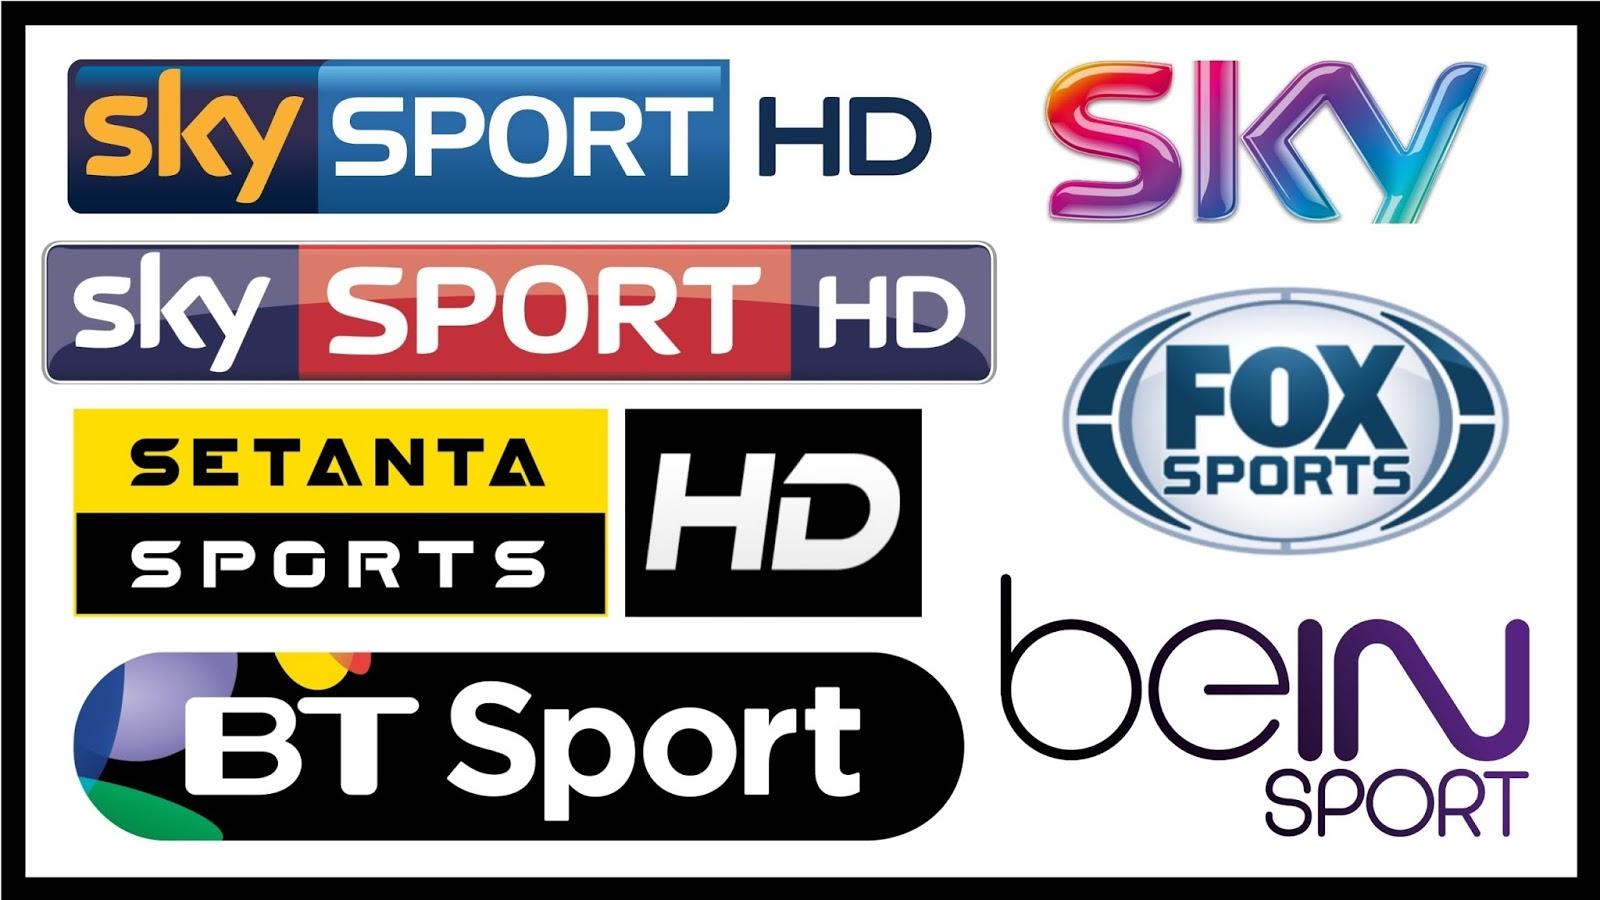 حصريا تمتع بأكبر باقة مكونة من 500 قناة تلفزيونية لأندرويد – Live Sports, Movies, Music, News v1.6